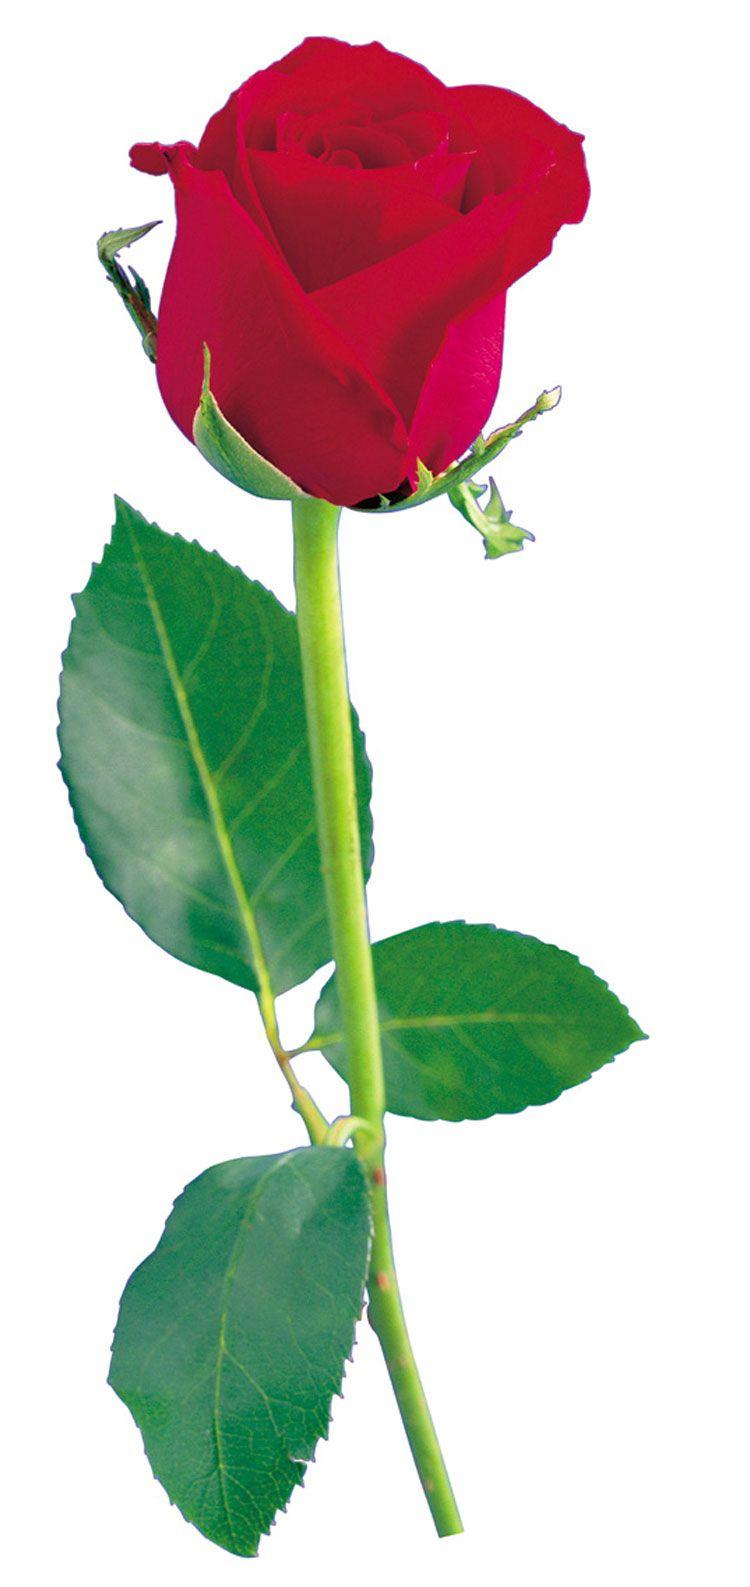 День семьи, открытки цветы розы одиночные